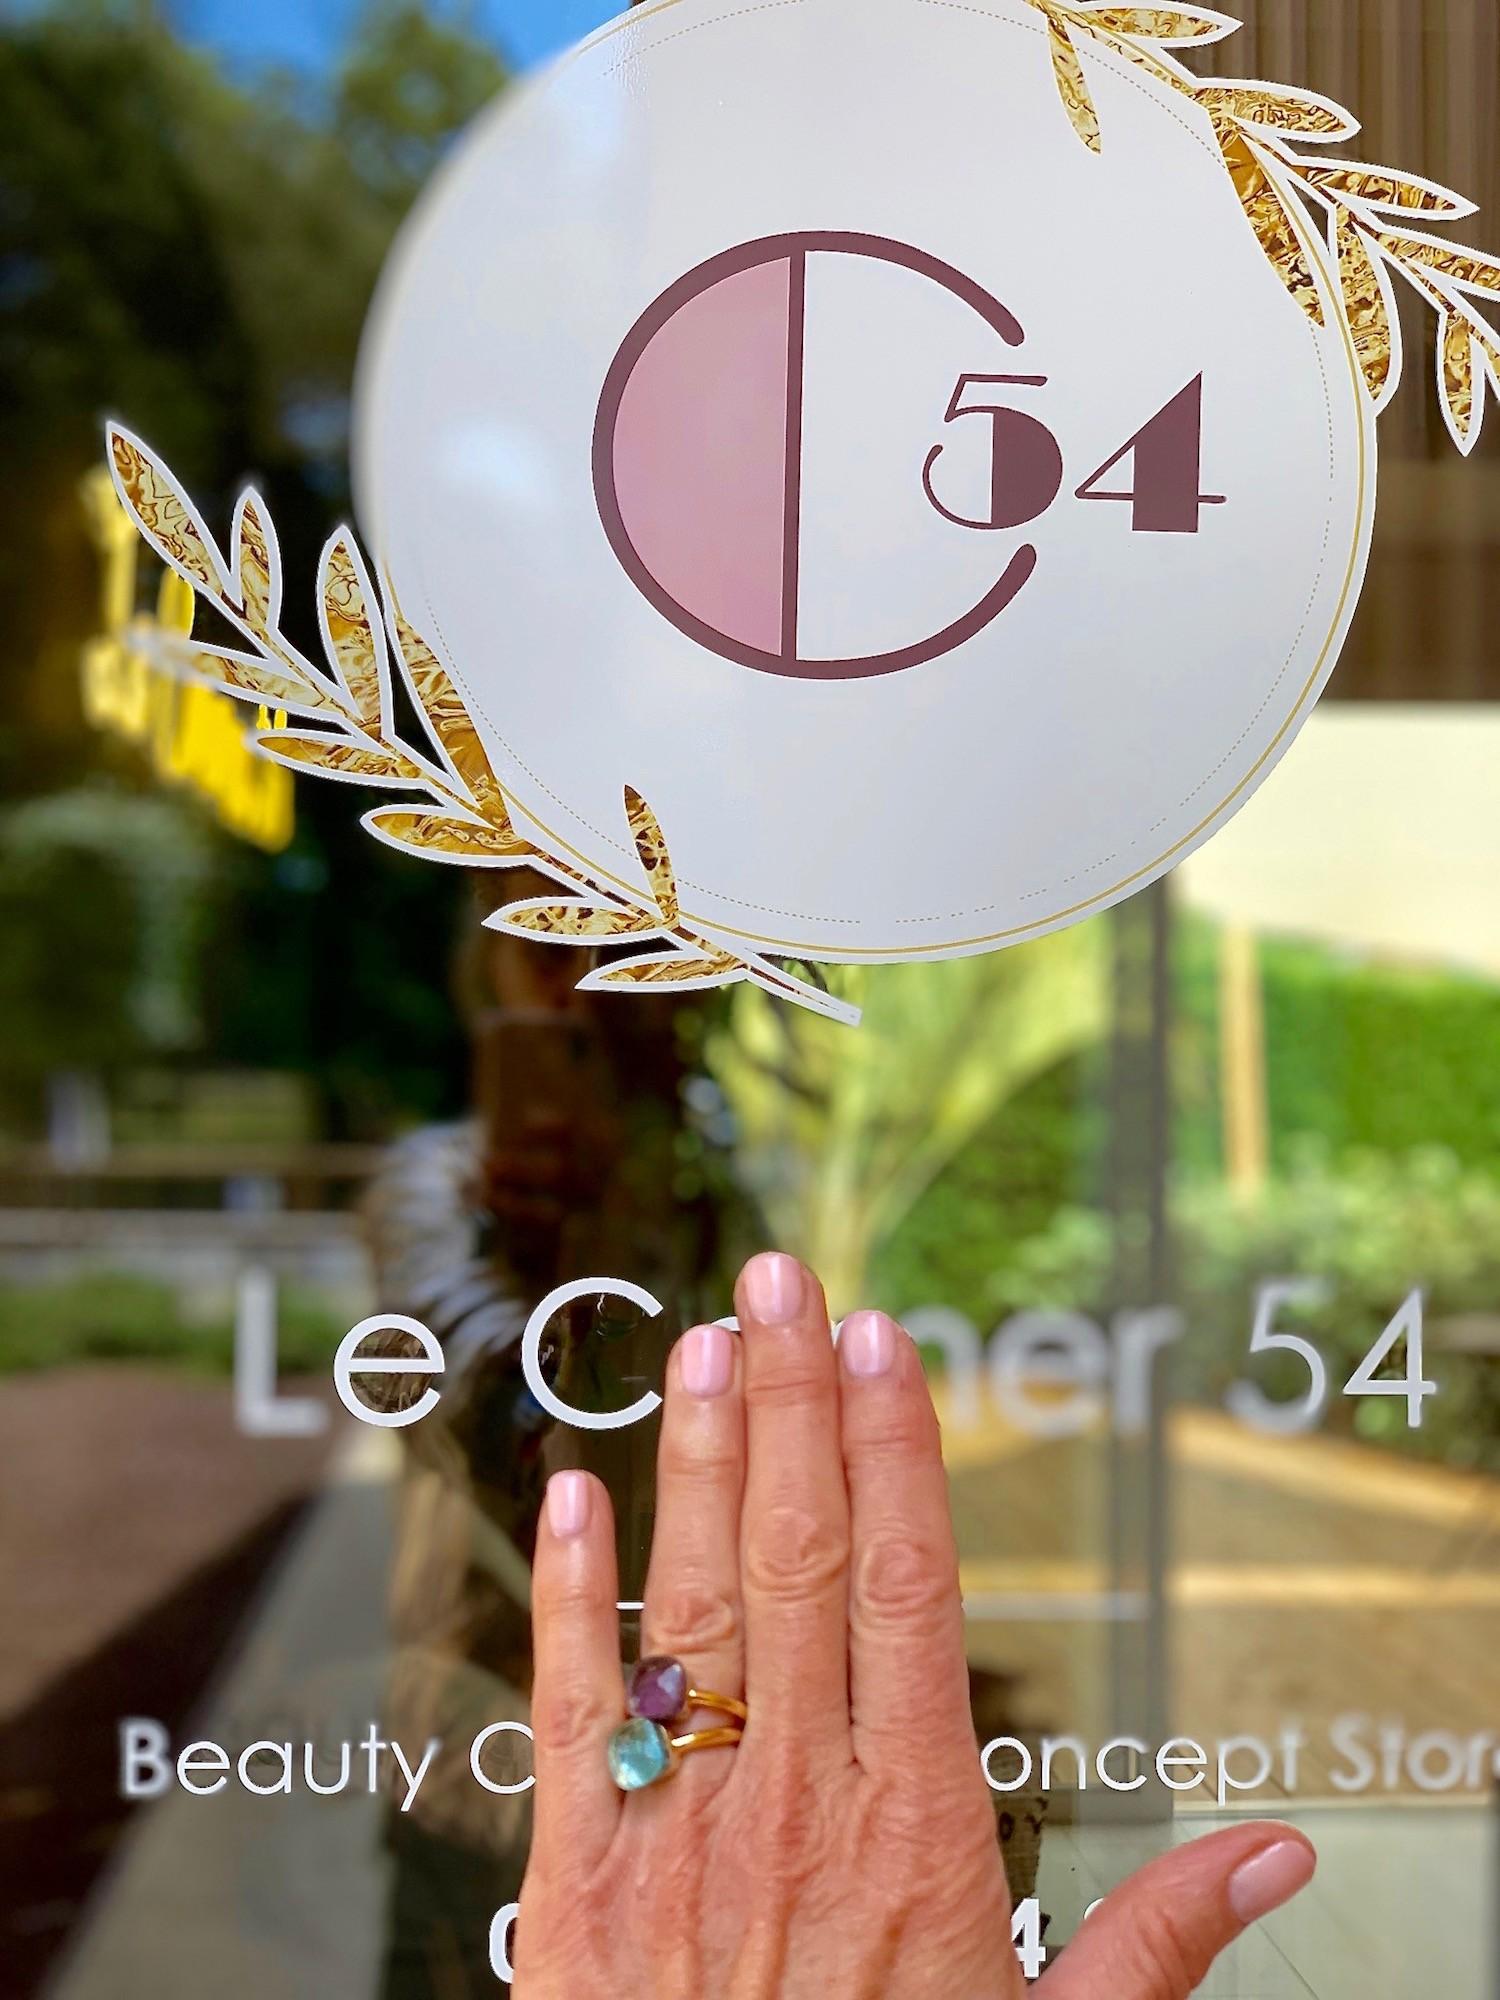 LE CORNER 54